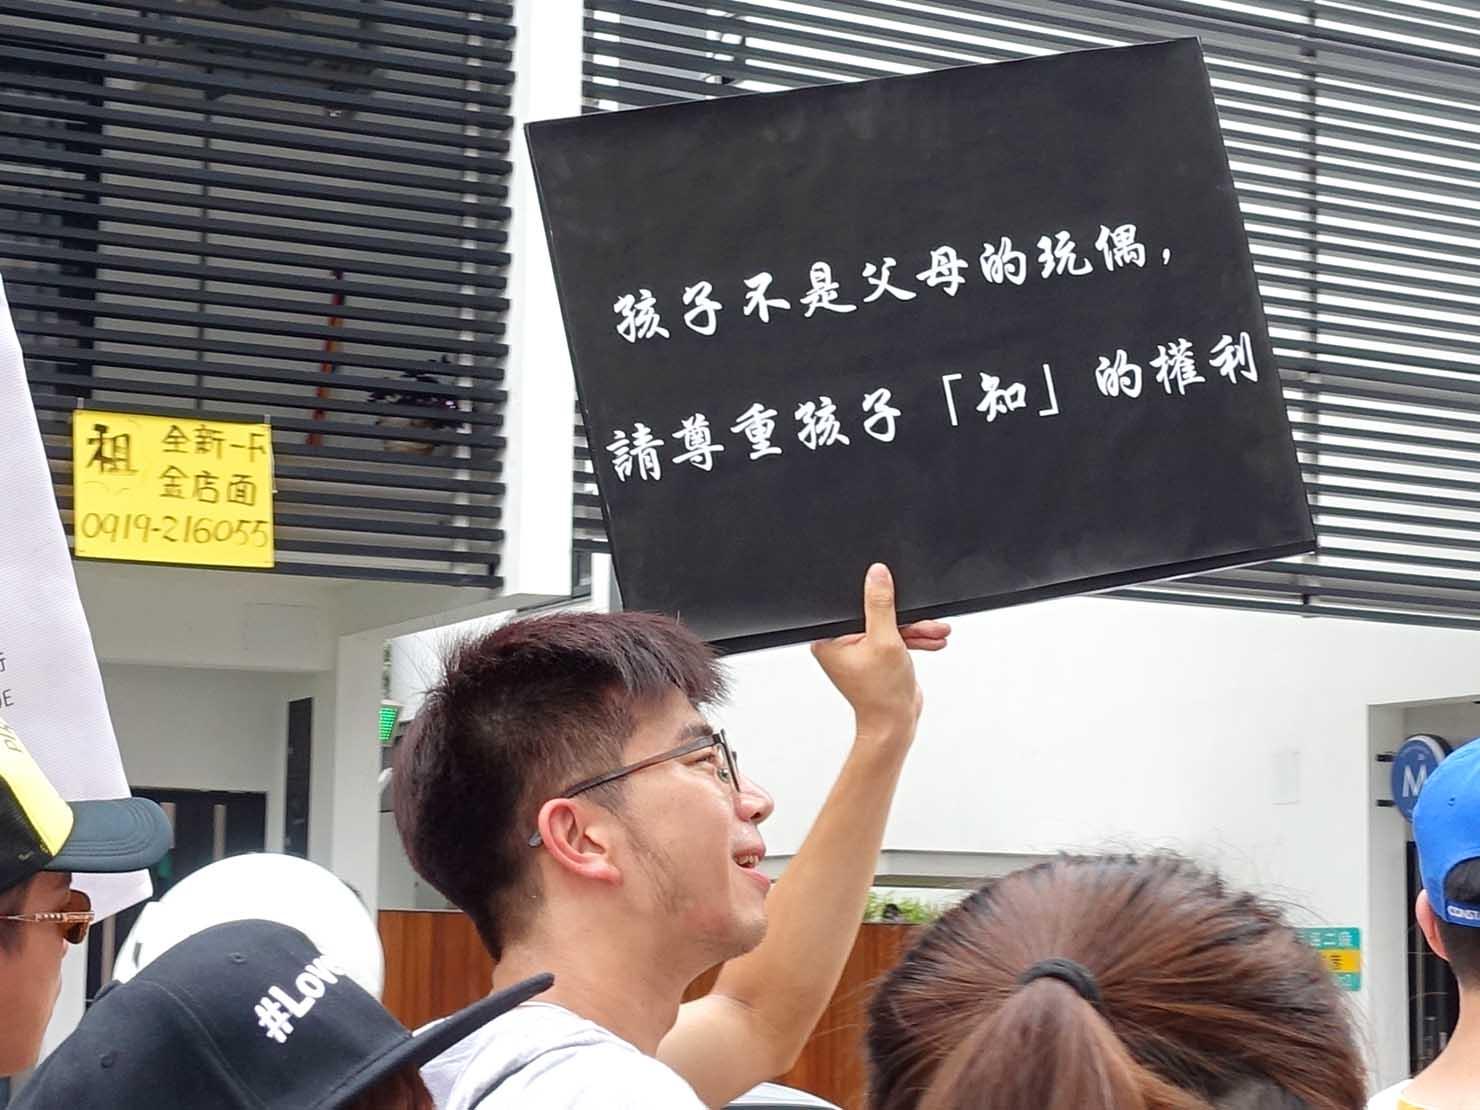 2018年台湾のLGBTプライド「宜蘭驕傲大遊行(宜蘭プライド)」パレードで掲げられた教育に関するメッセージボード